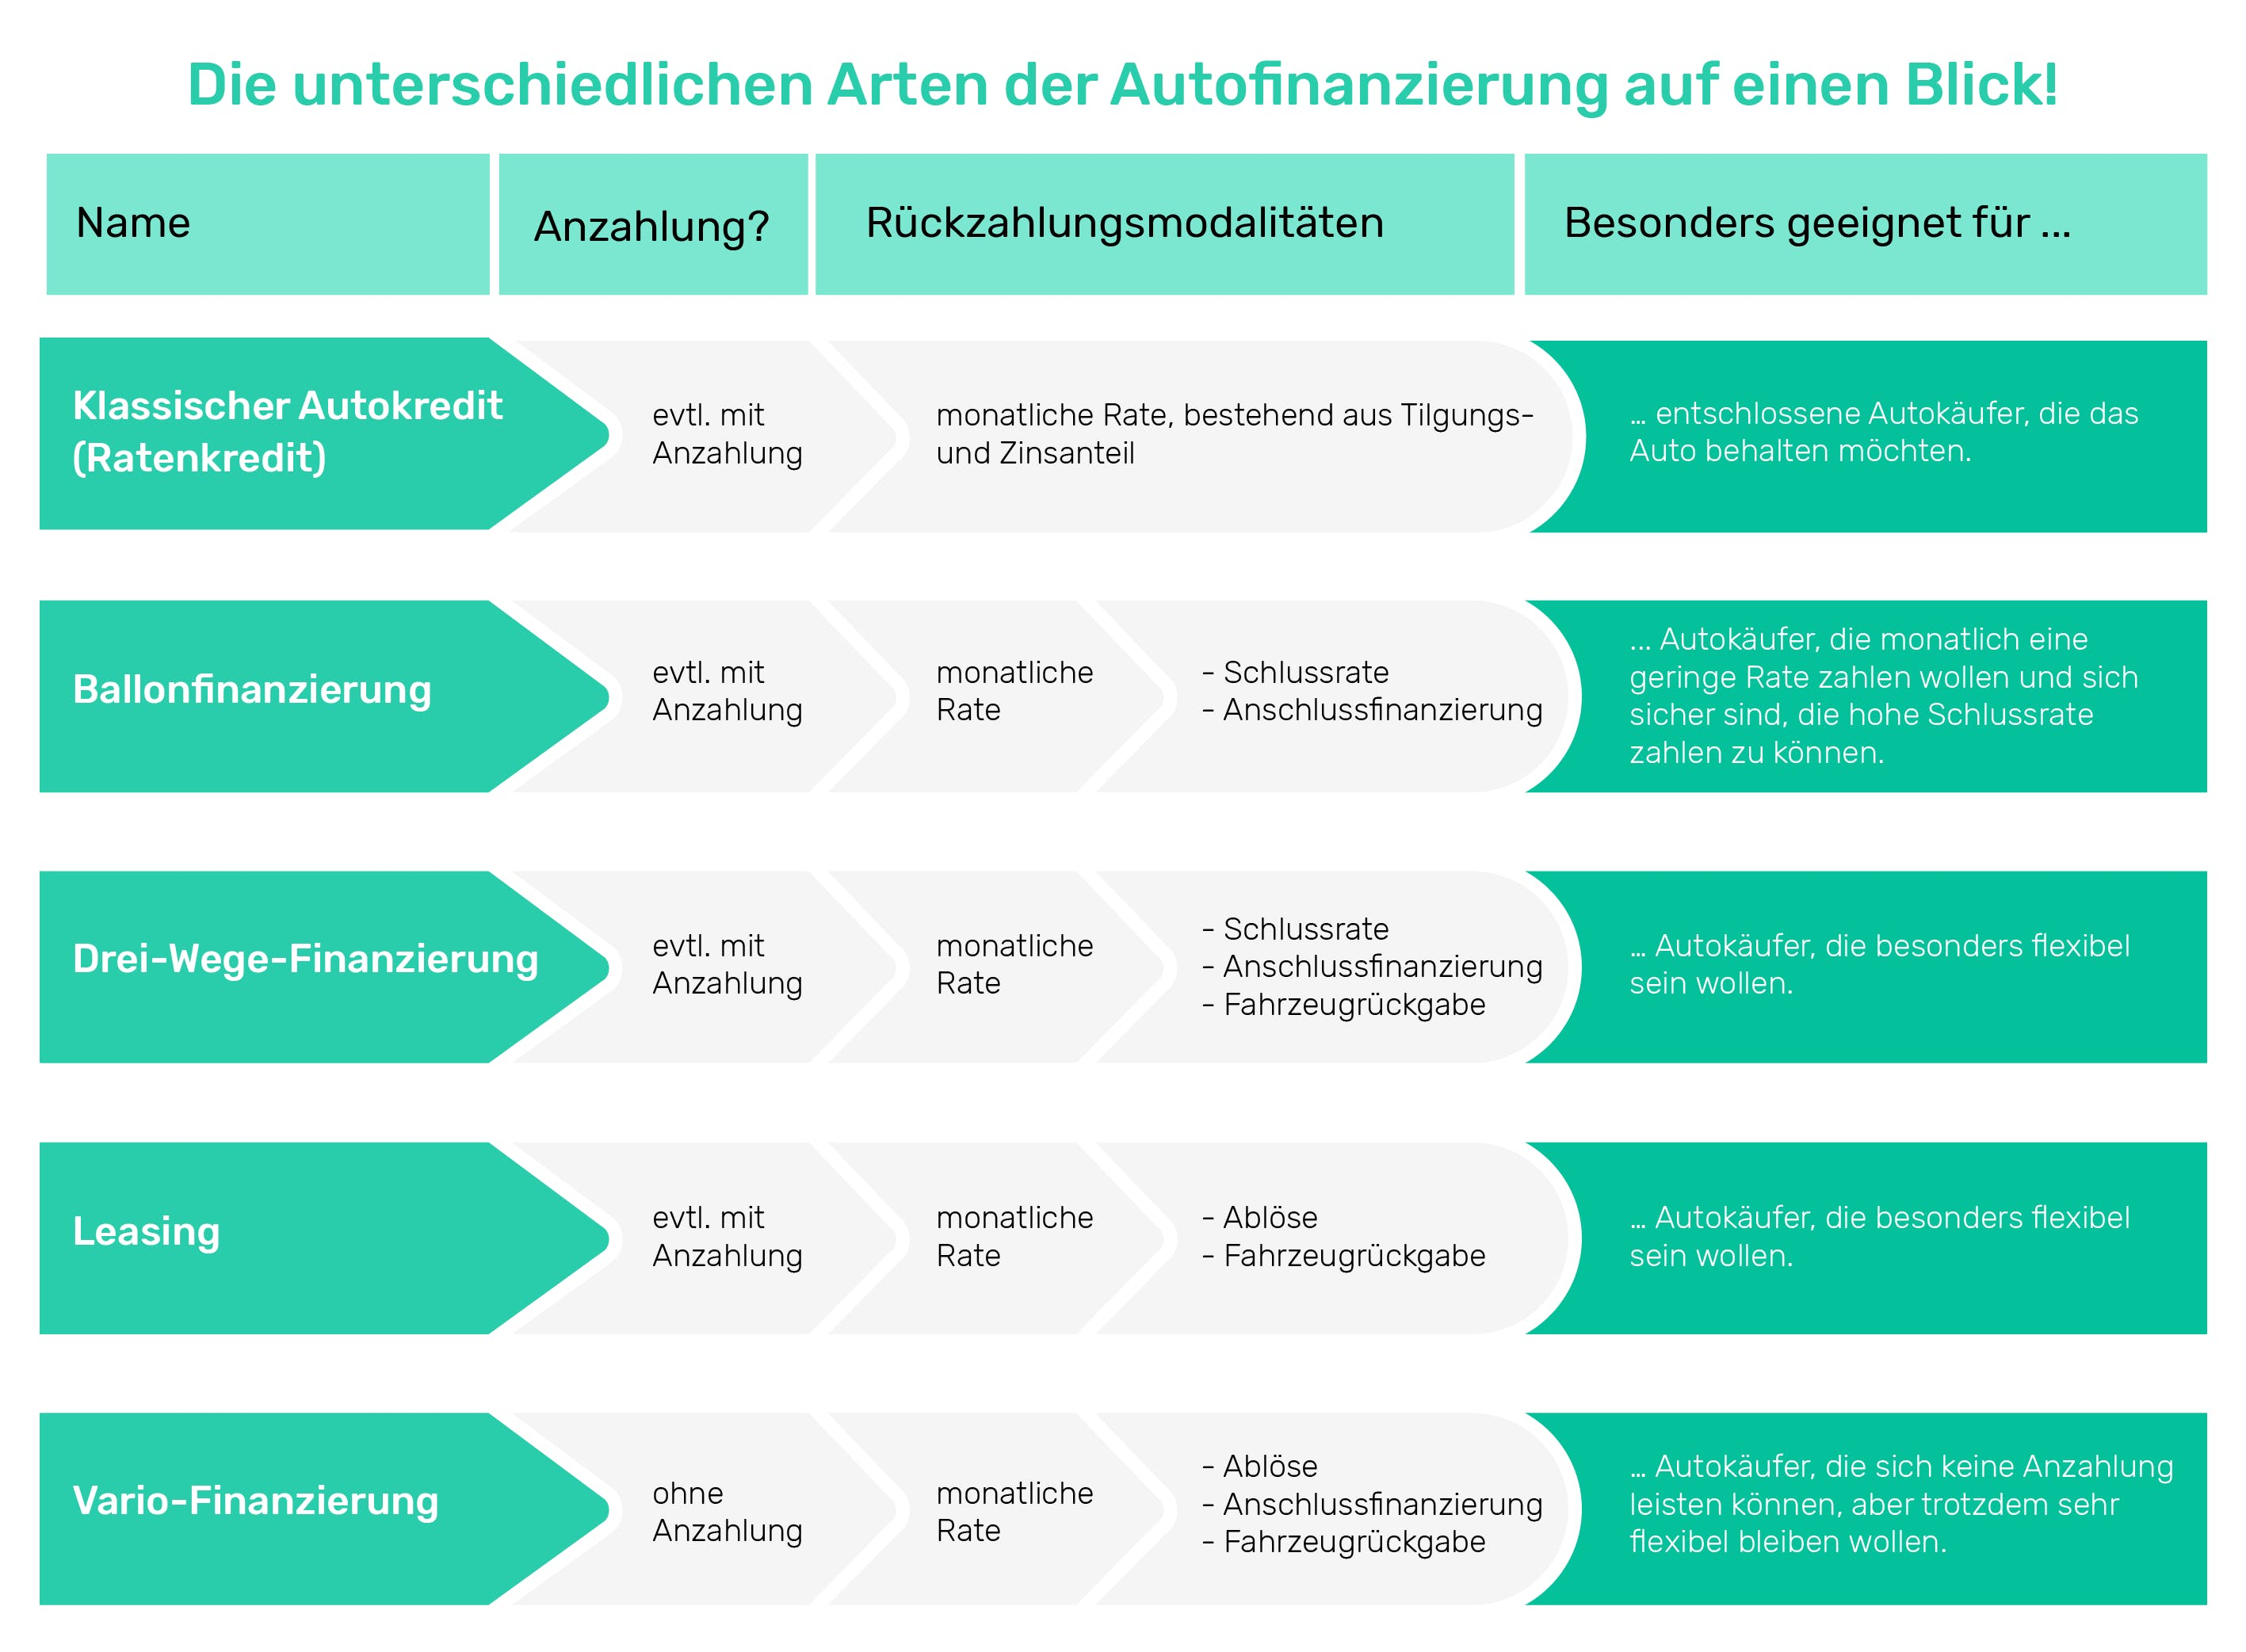 Grafik: Unterschiedliche Arten der Finanzierung im Überblick